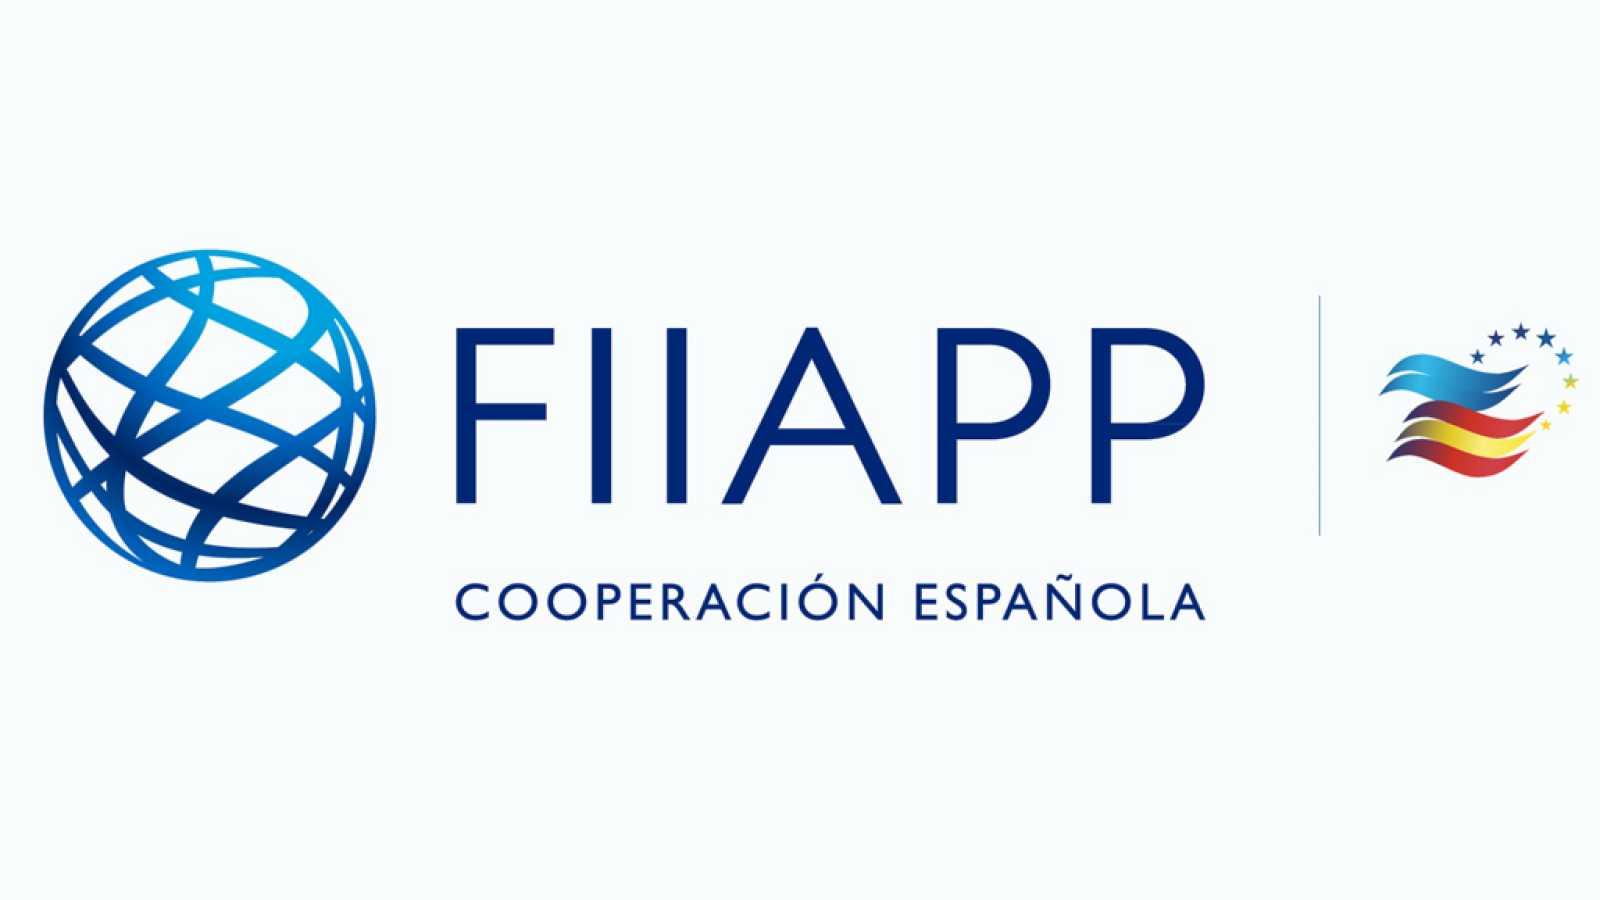 Cooperación pública en el mundo - La digitalización en la educación - 24/03/21 . Escuchar ahora